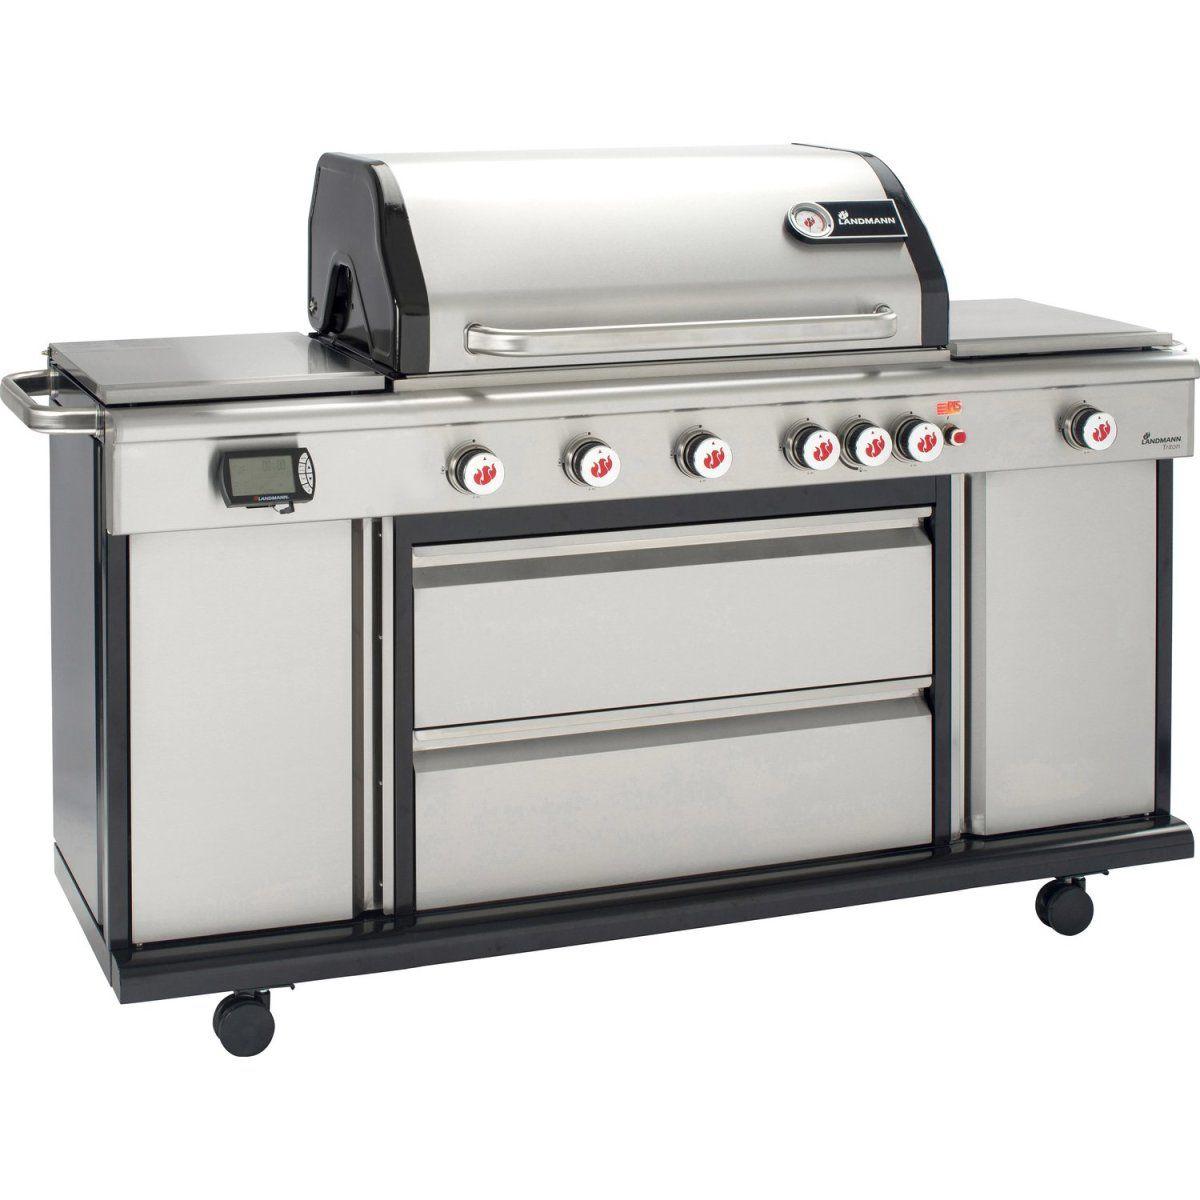 Pin By Ladendirekt On Grillgerate Kitchen Appliances Kitchen Appliances